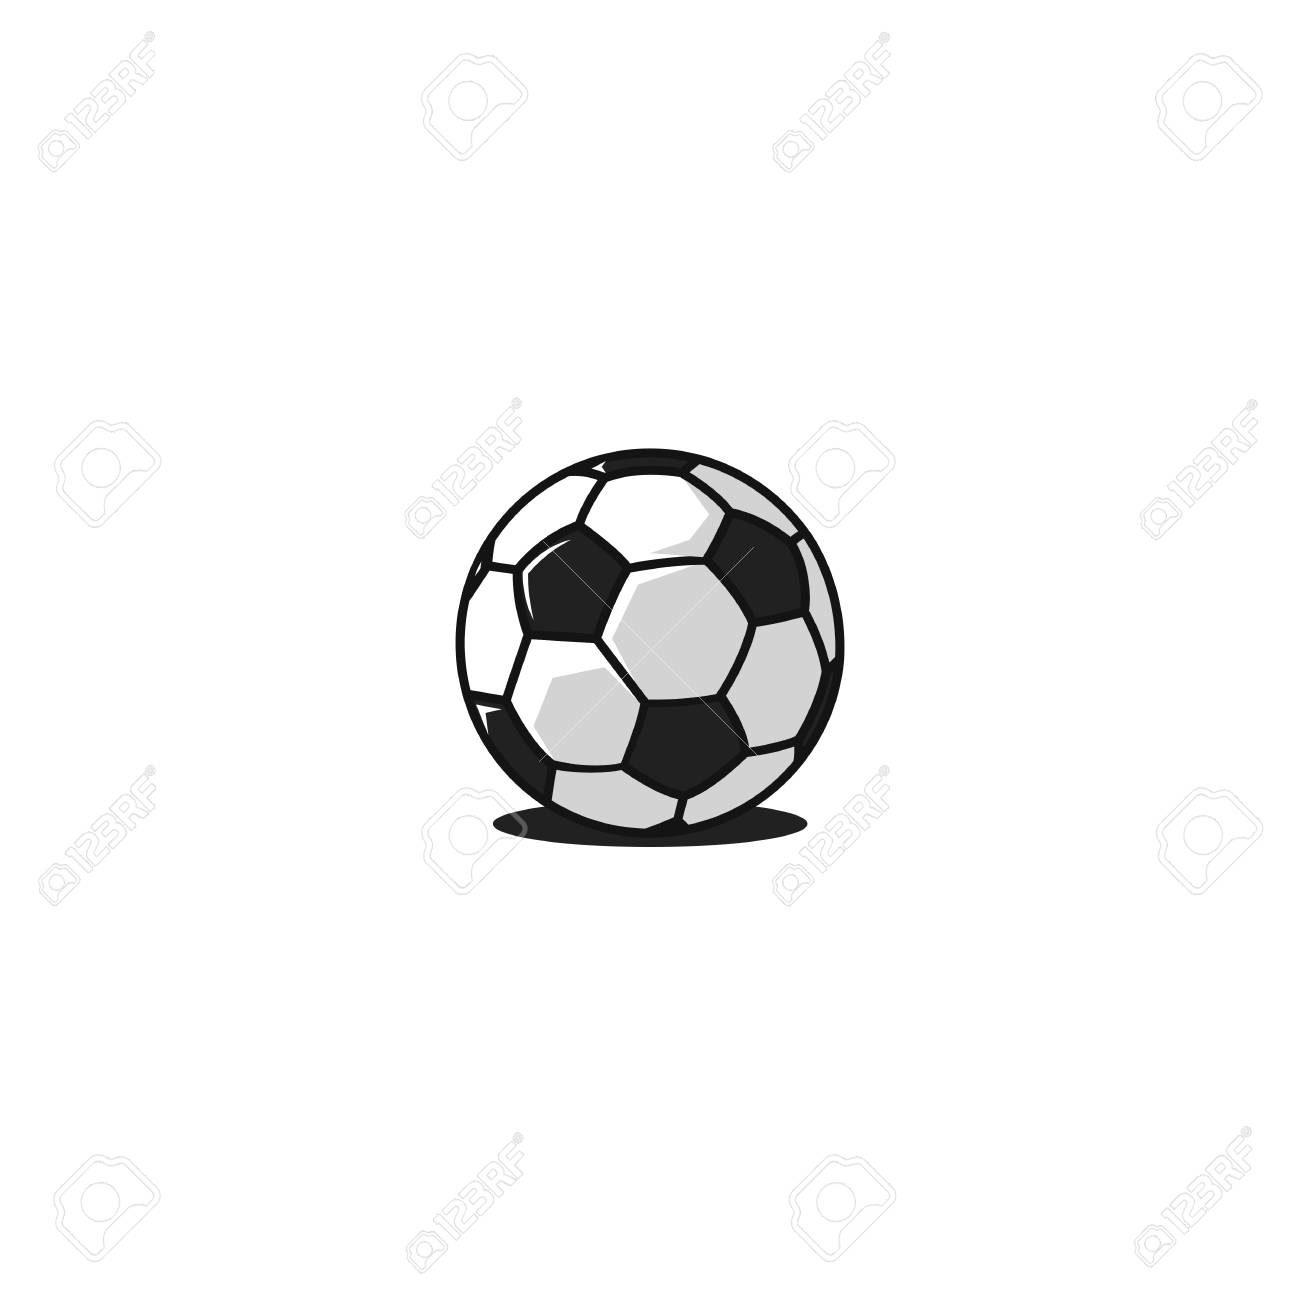 79255554-logo-de-ballon-de-football-motif-icosaèdre-tronqué-noir-et-blanc-design-traditionnel-.jpg